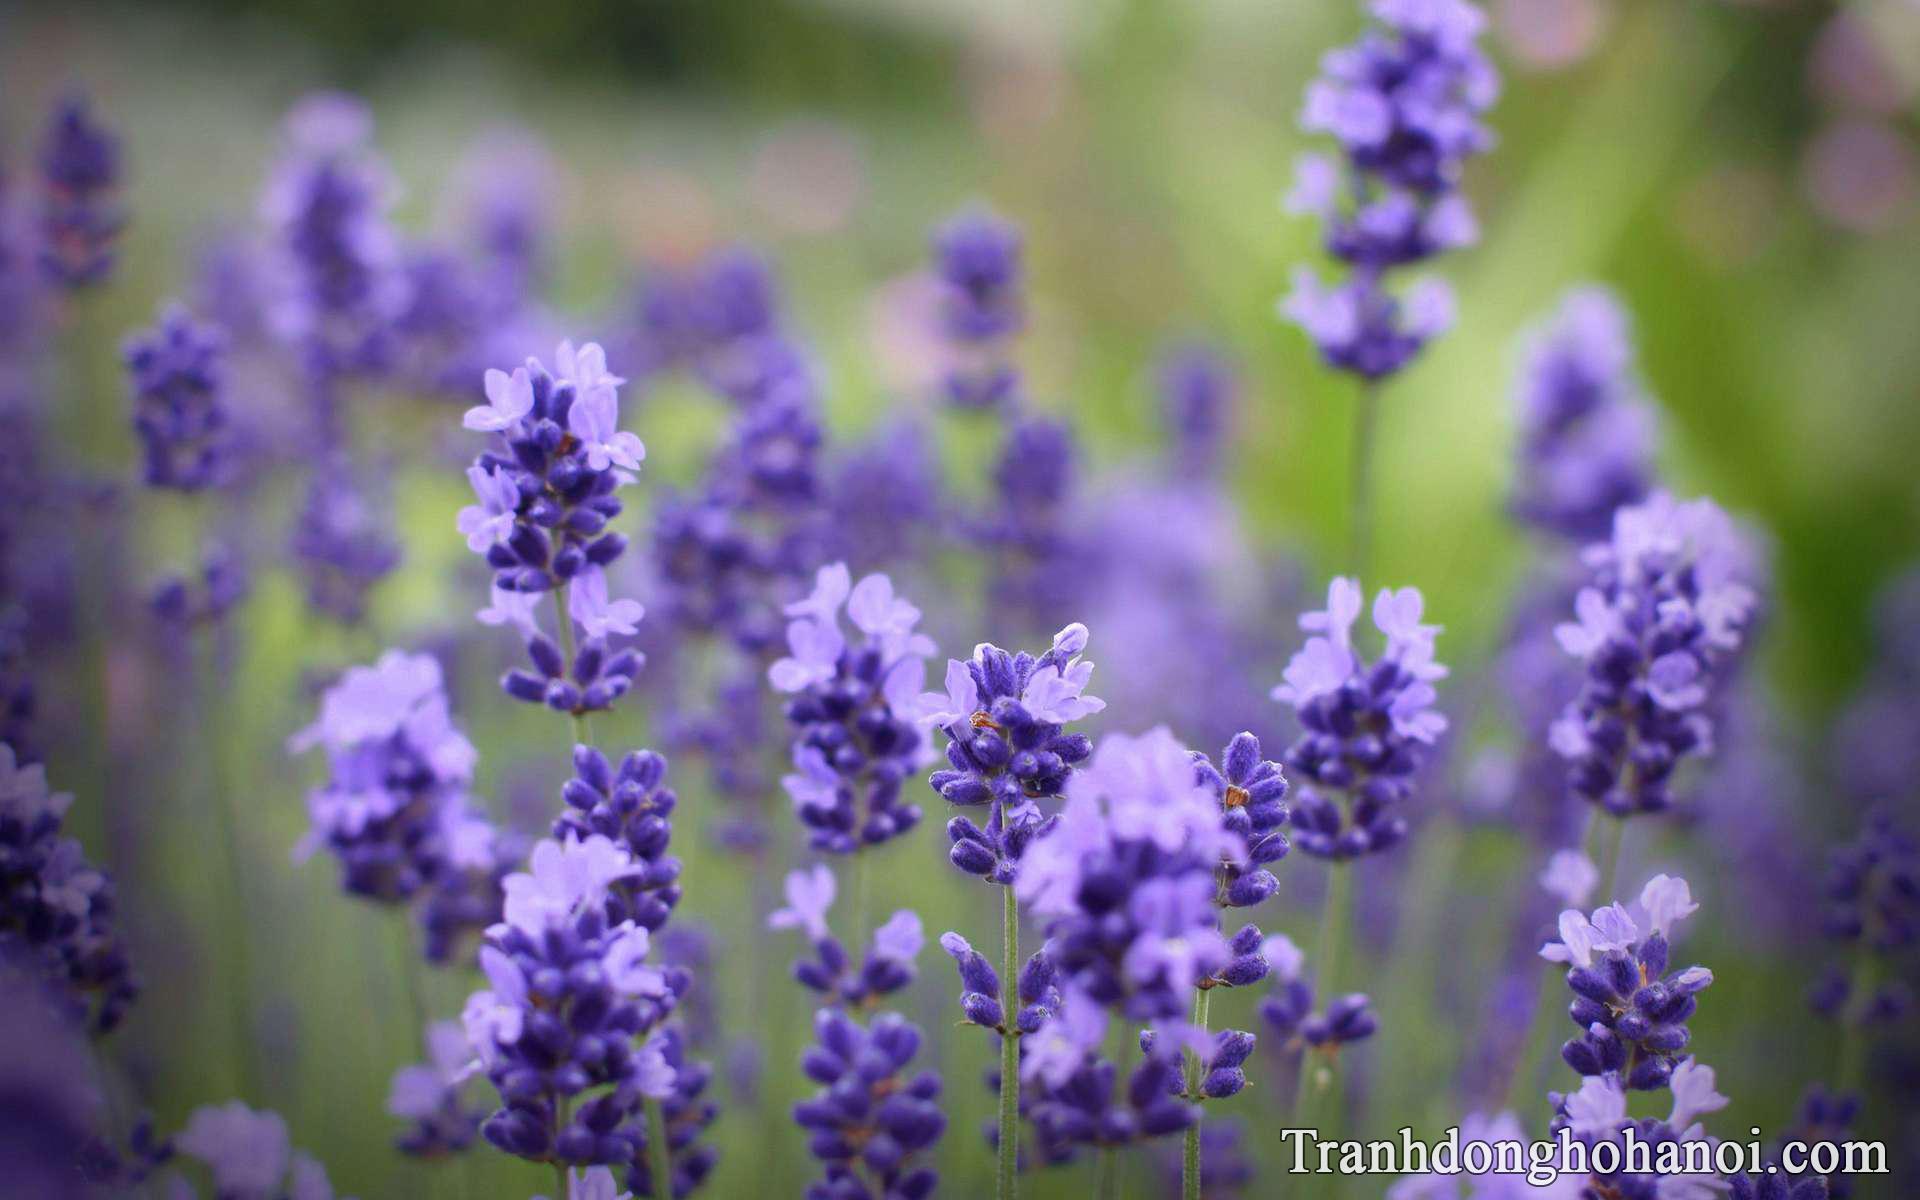 Mau hinh anh hoa lavender cuc dep tai AmiA